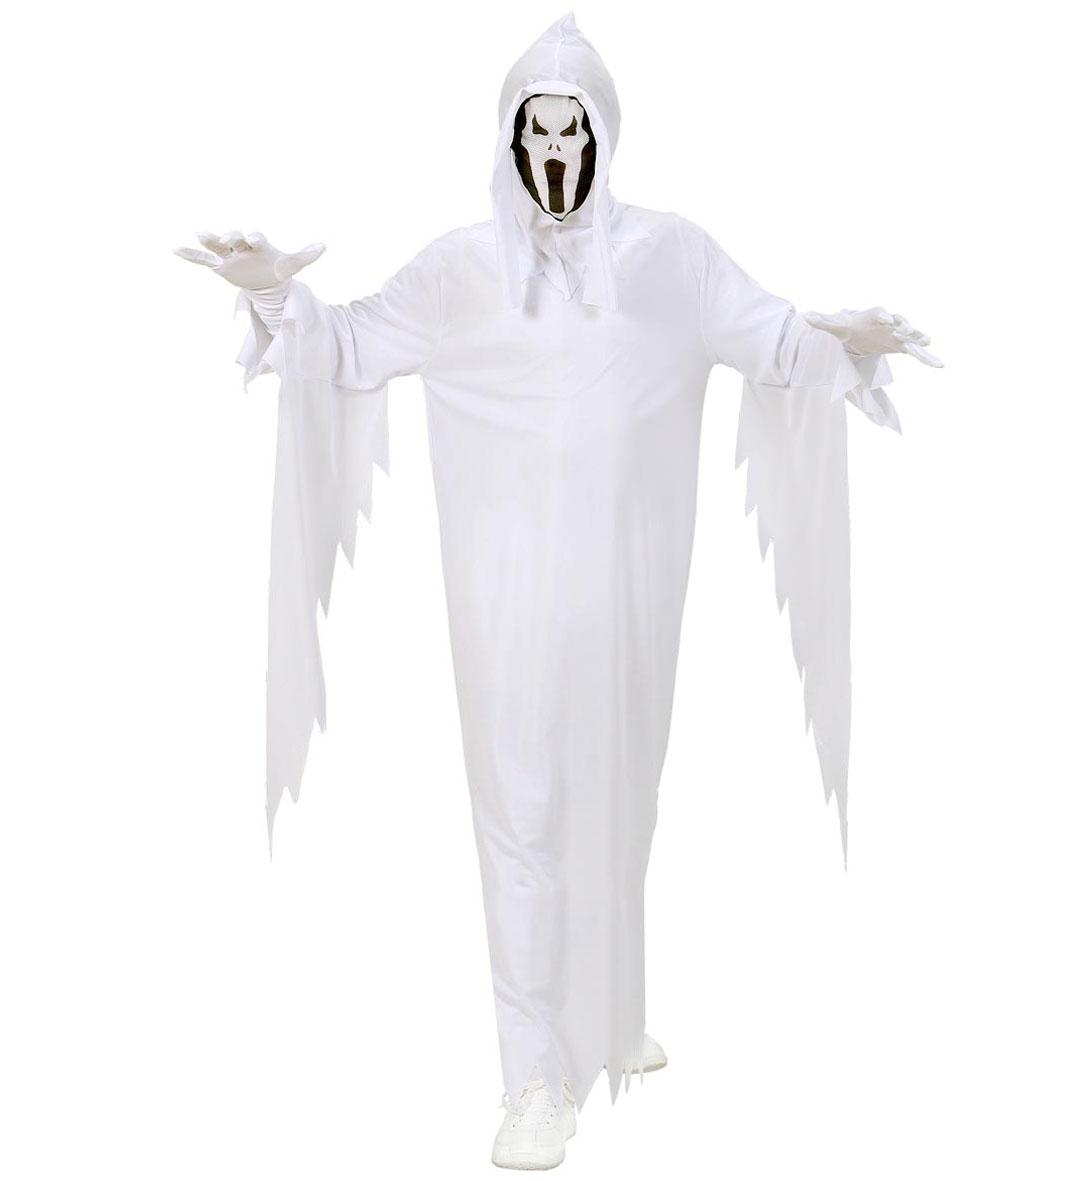 GEIST Kostüm, Kinder weiß mit Maskenkapuze + Gürtel, 128,140,158